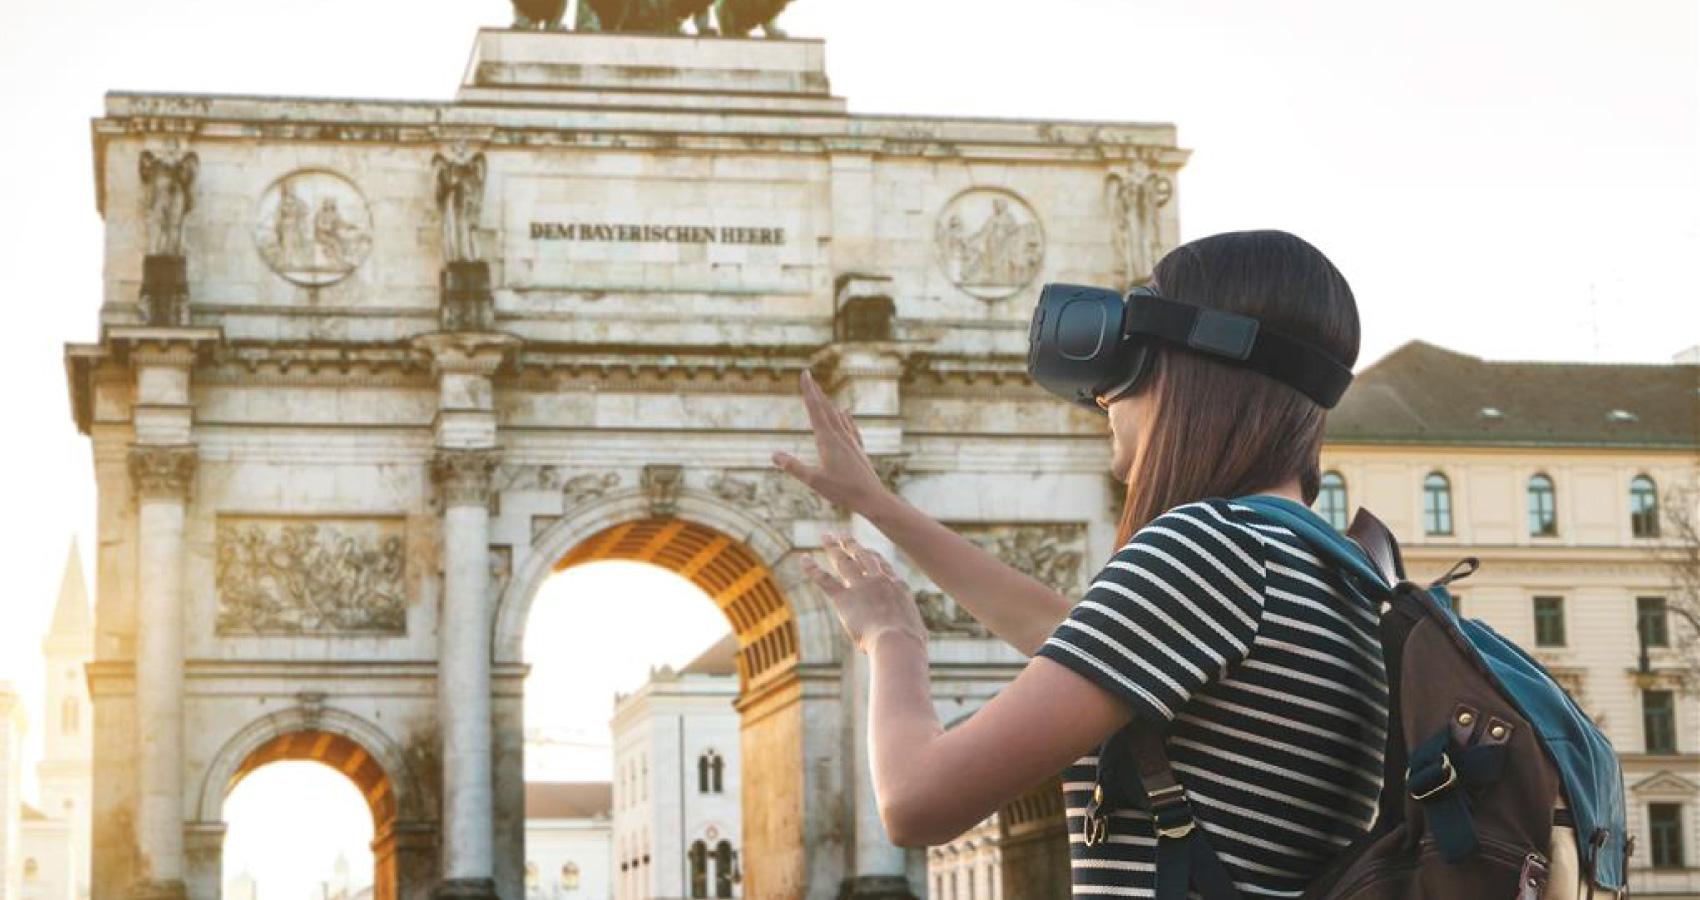 Le nuove tecnologie che stanno rivoluzionando il settore turistico